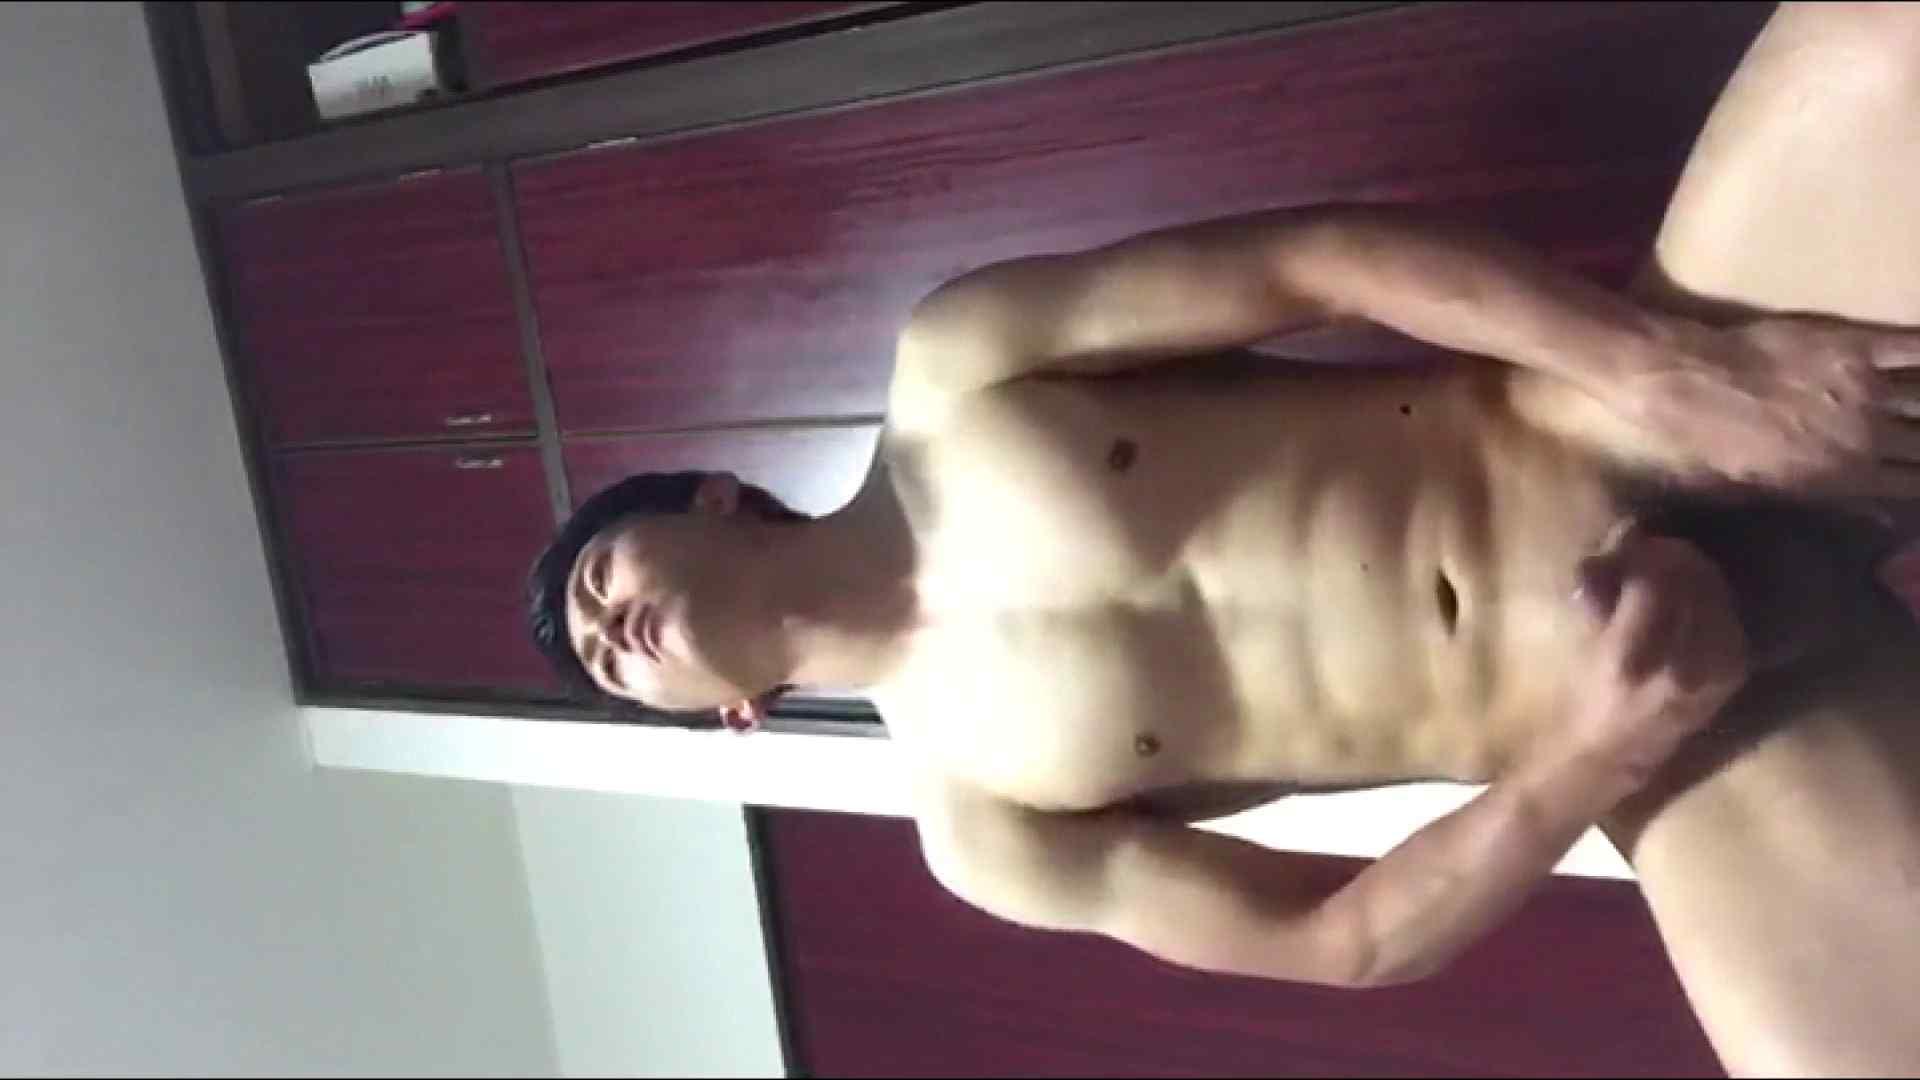 個人撮影 自慰の極意 Vol.23 大学生 ゲイアダルトビデオ画像 75枚 56